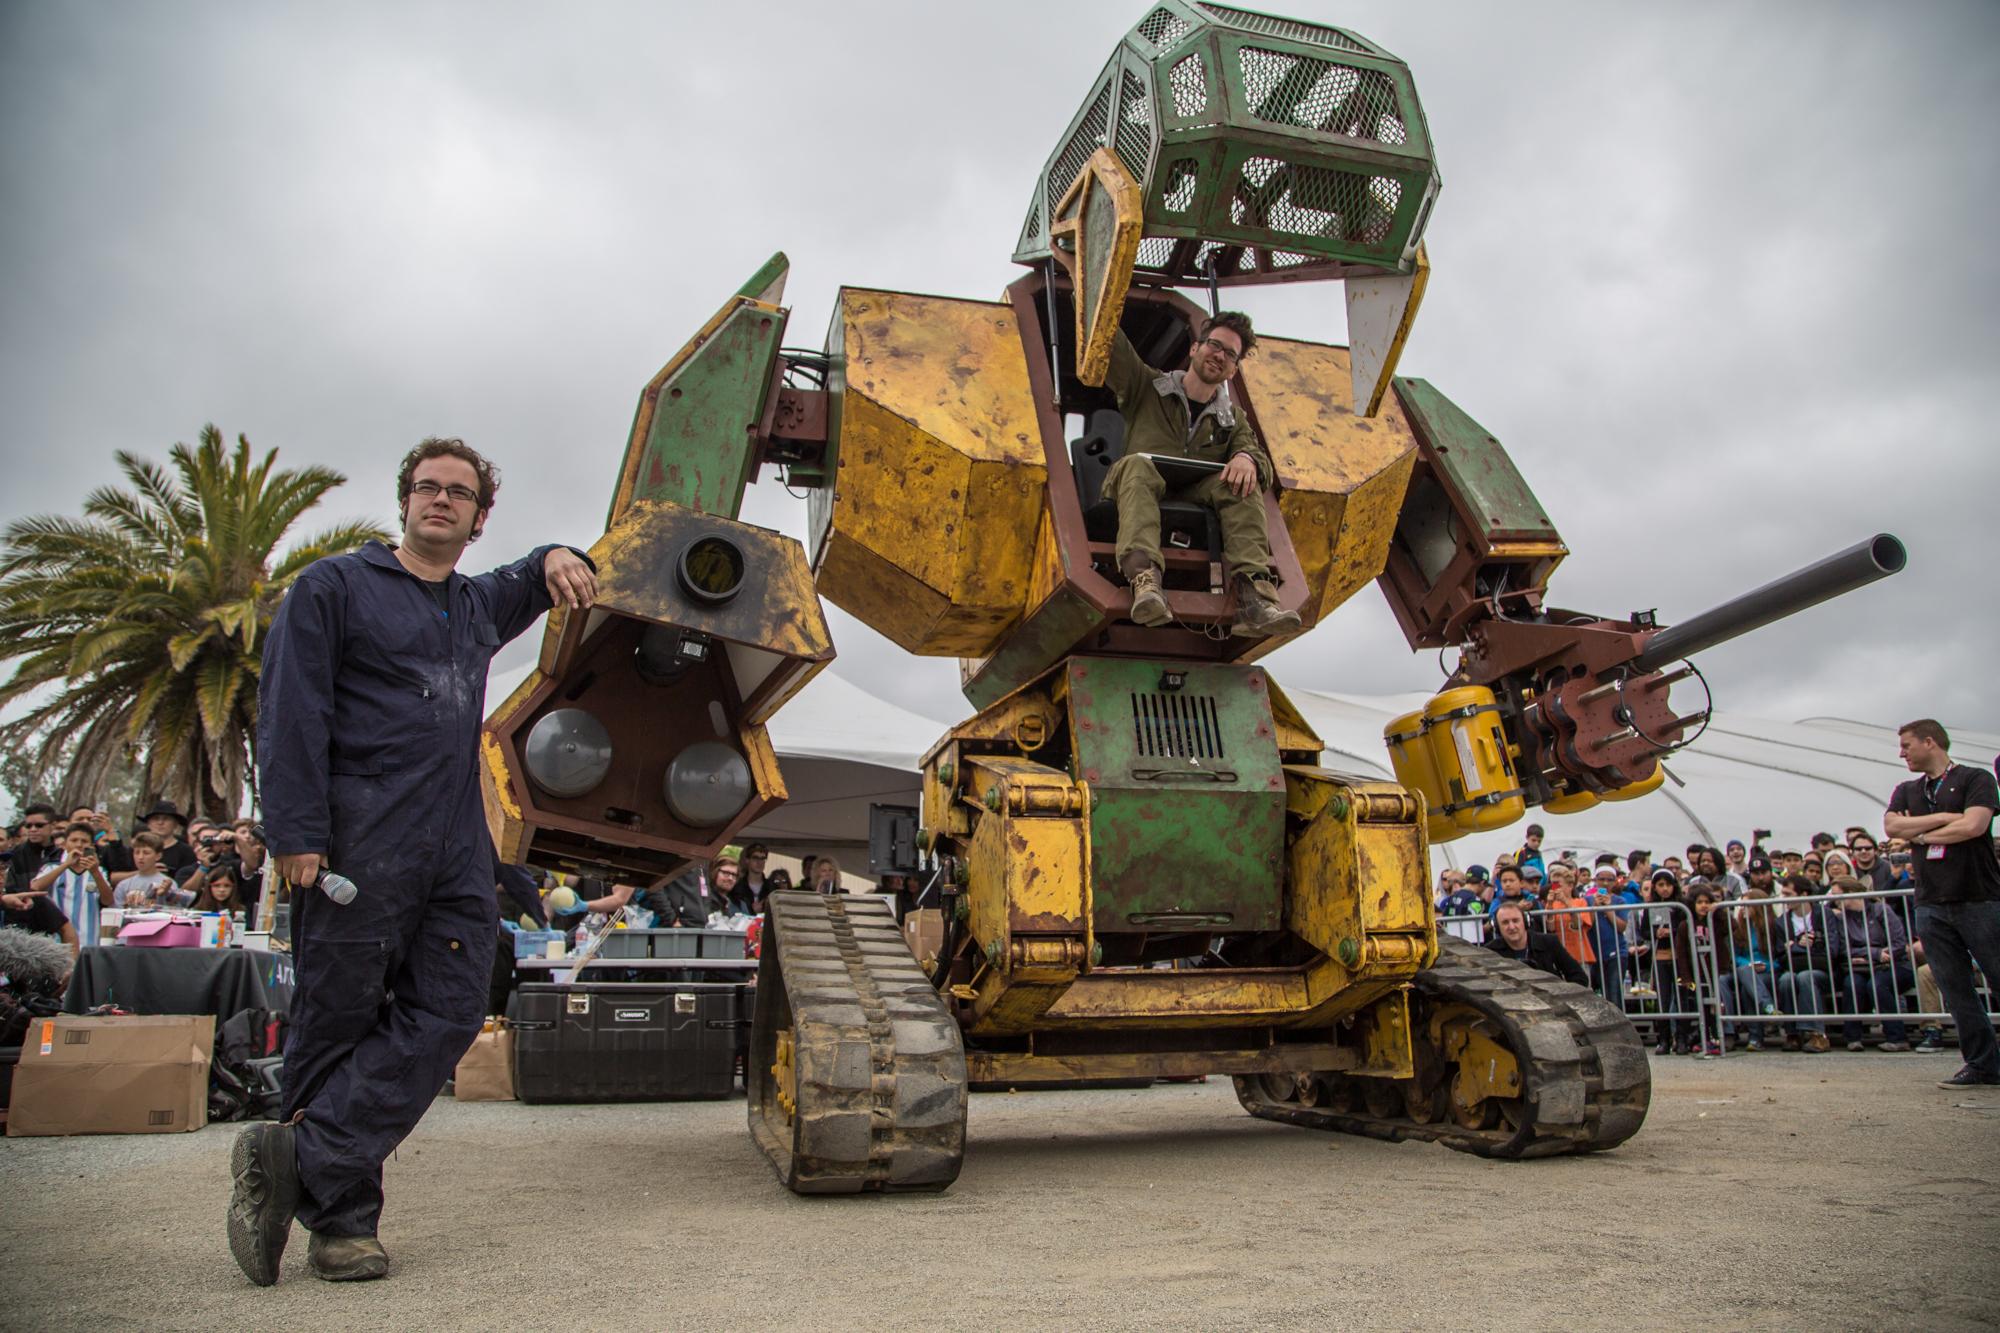 Megabots-and-NASA2